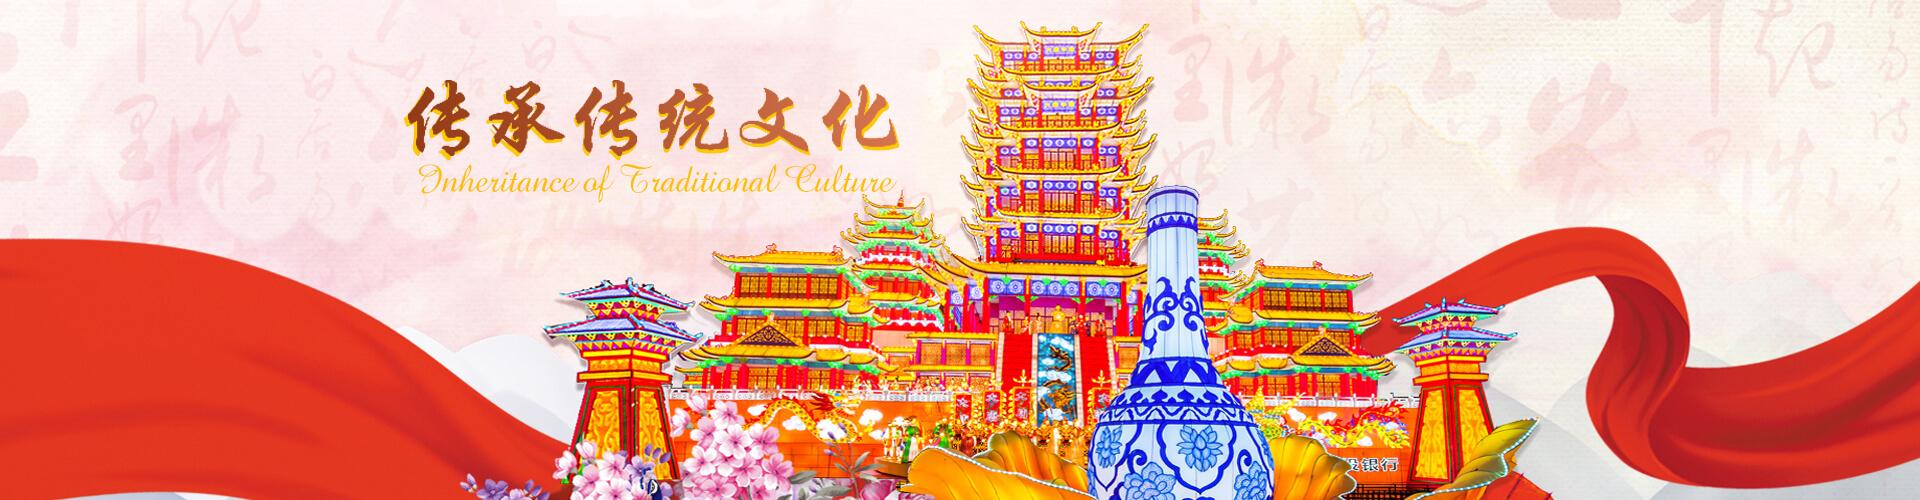 传承传统文化